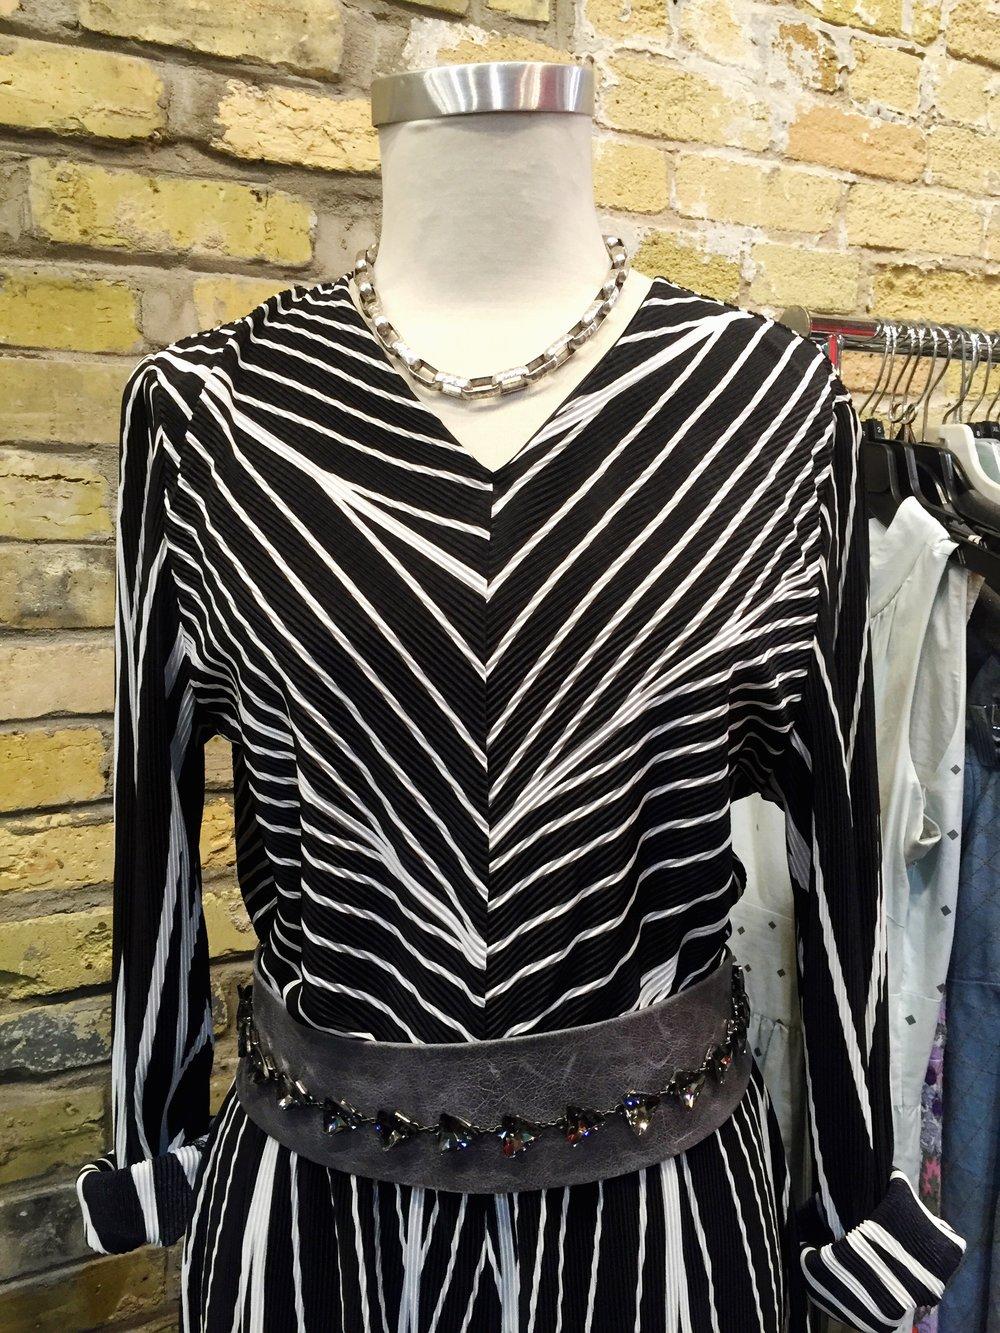 stripes-etc_33224350503_o.jpg